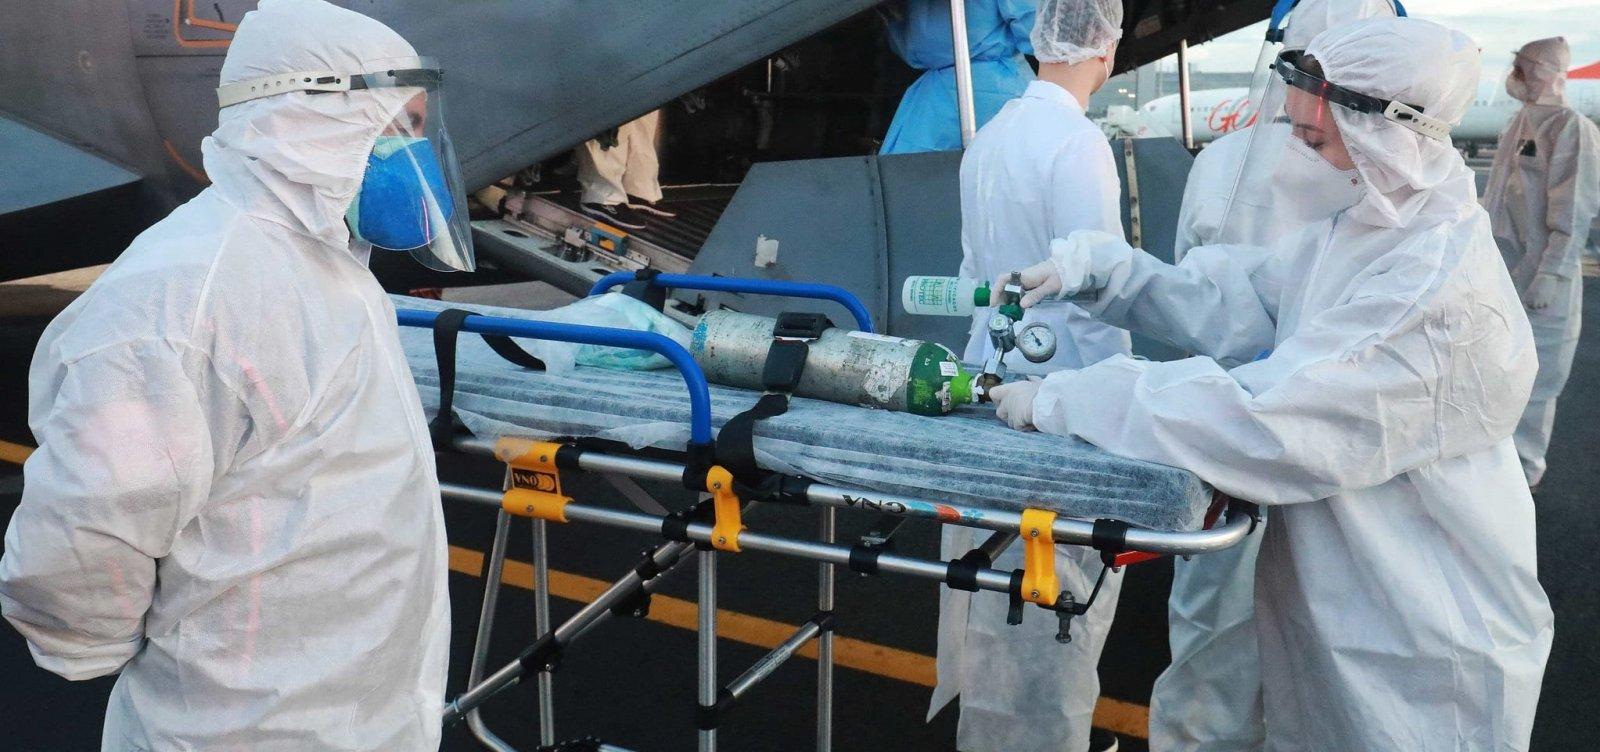 [Hospital em Porto Alegre instala contêiner refrigerado para armazenar corpos de vítimas da Covid-19]